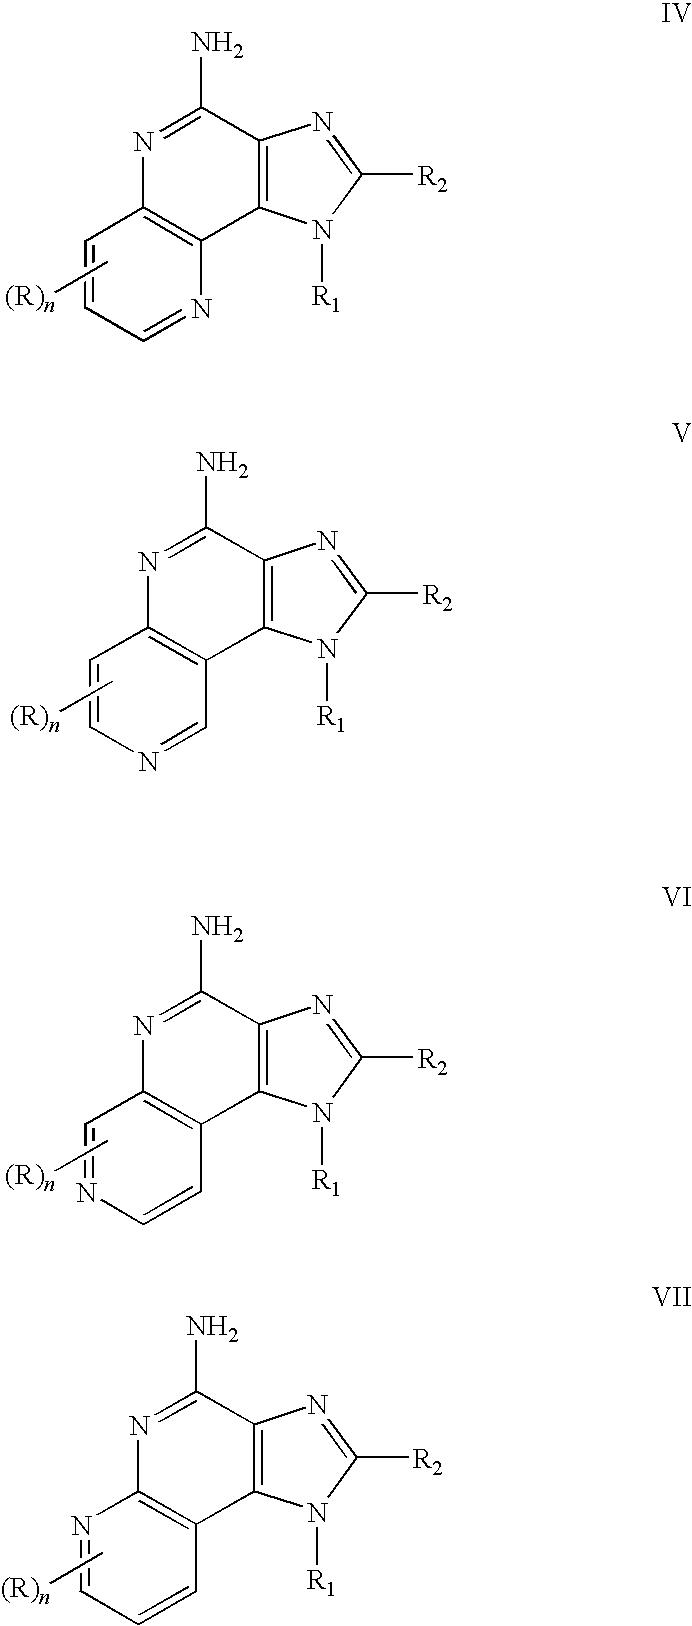 Figure US07799800-20100921-C00009